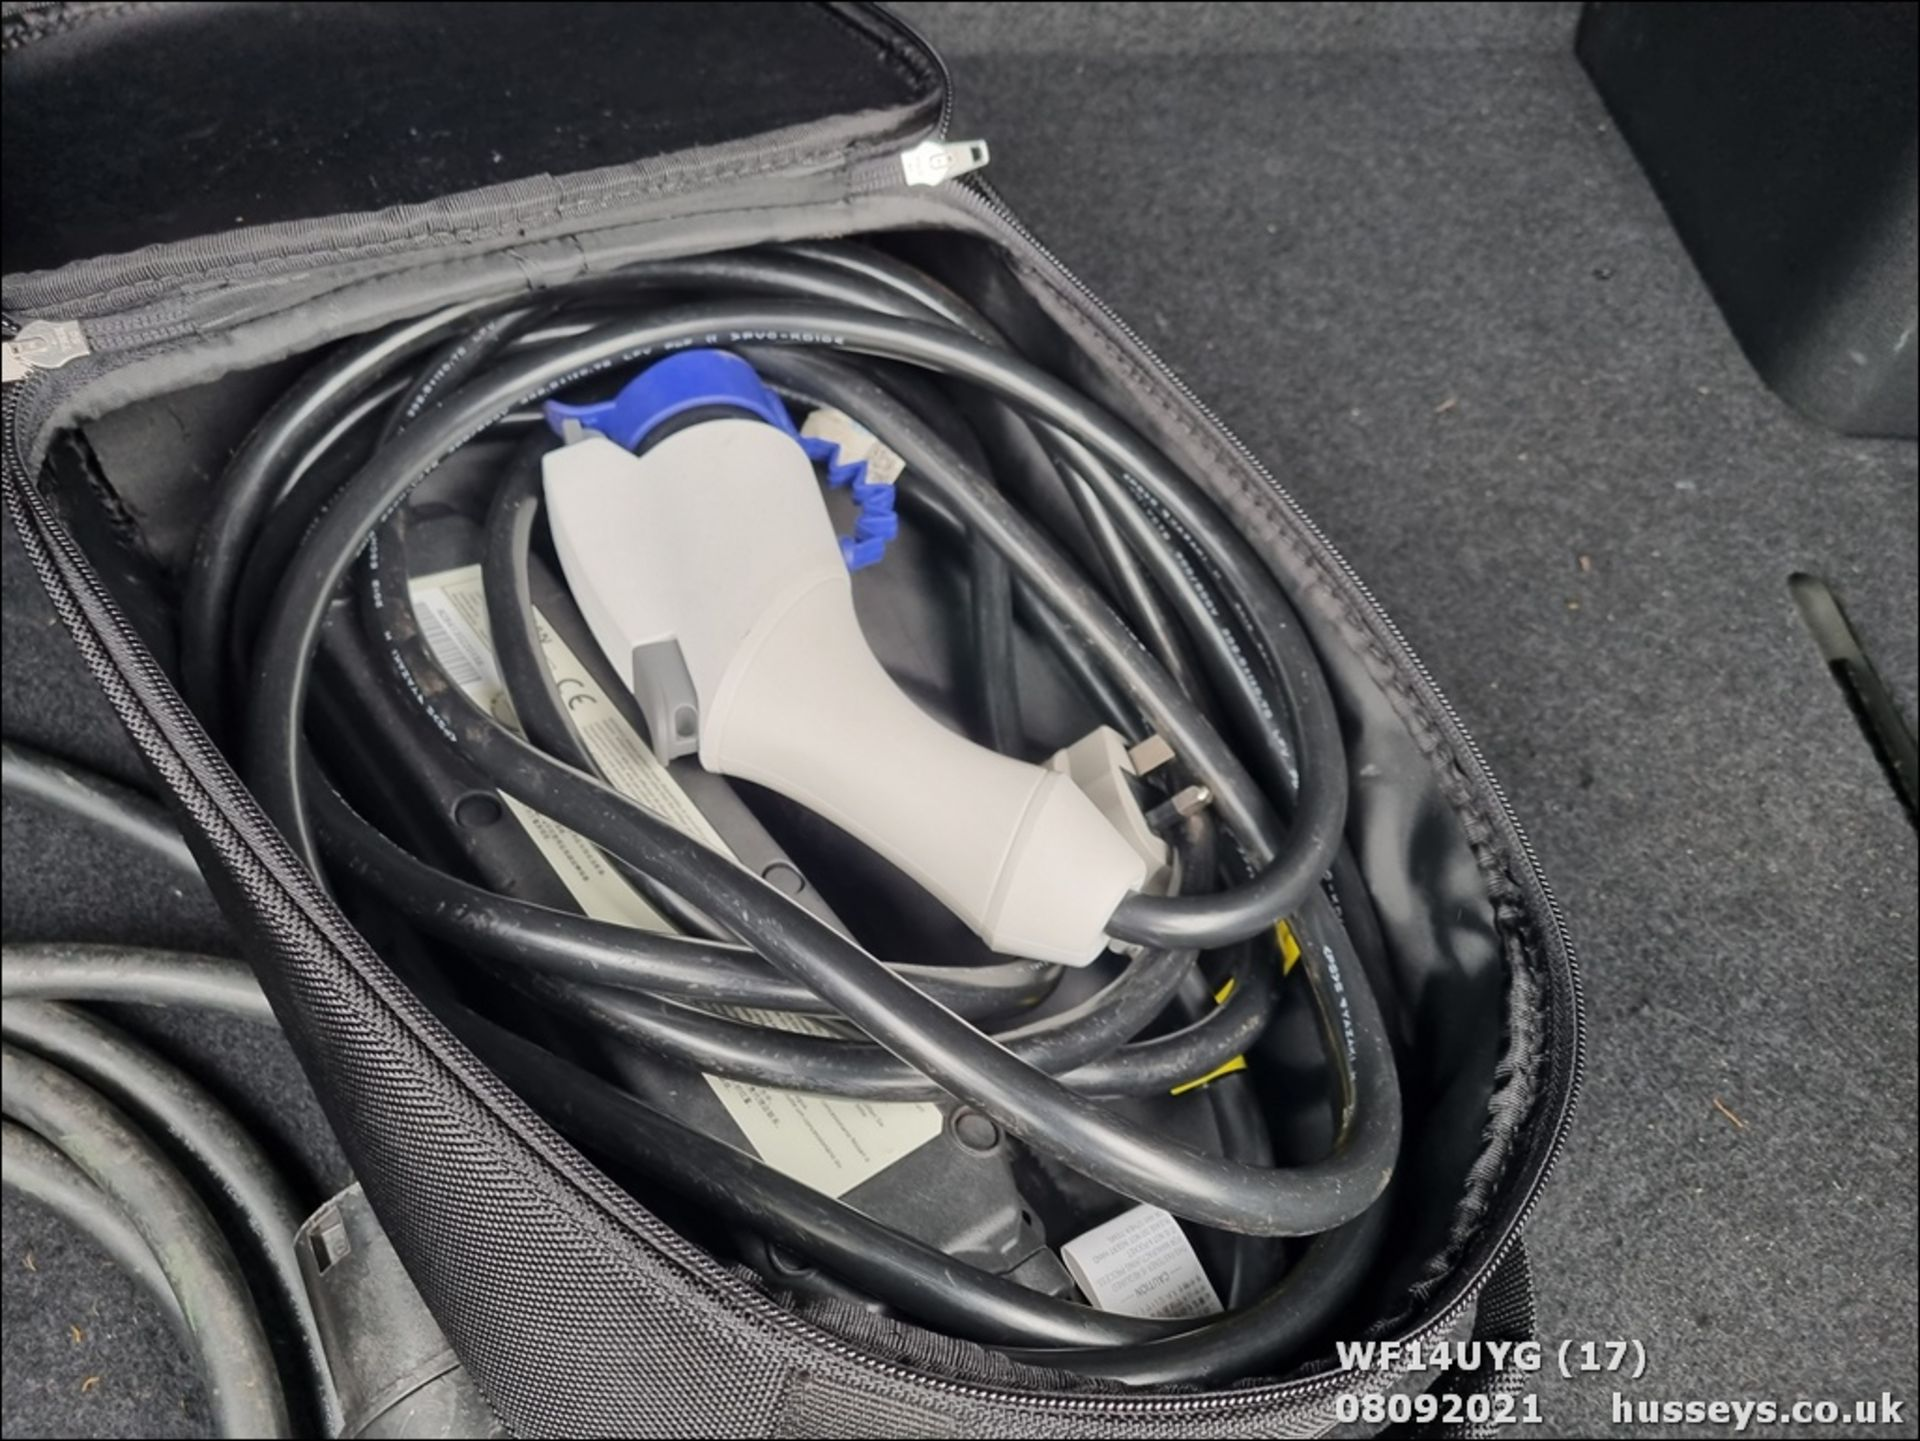 14/14 NISSAN LEAF ACENTA 5dr Hatchback (Silver, 19k) - Image 17 of 26